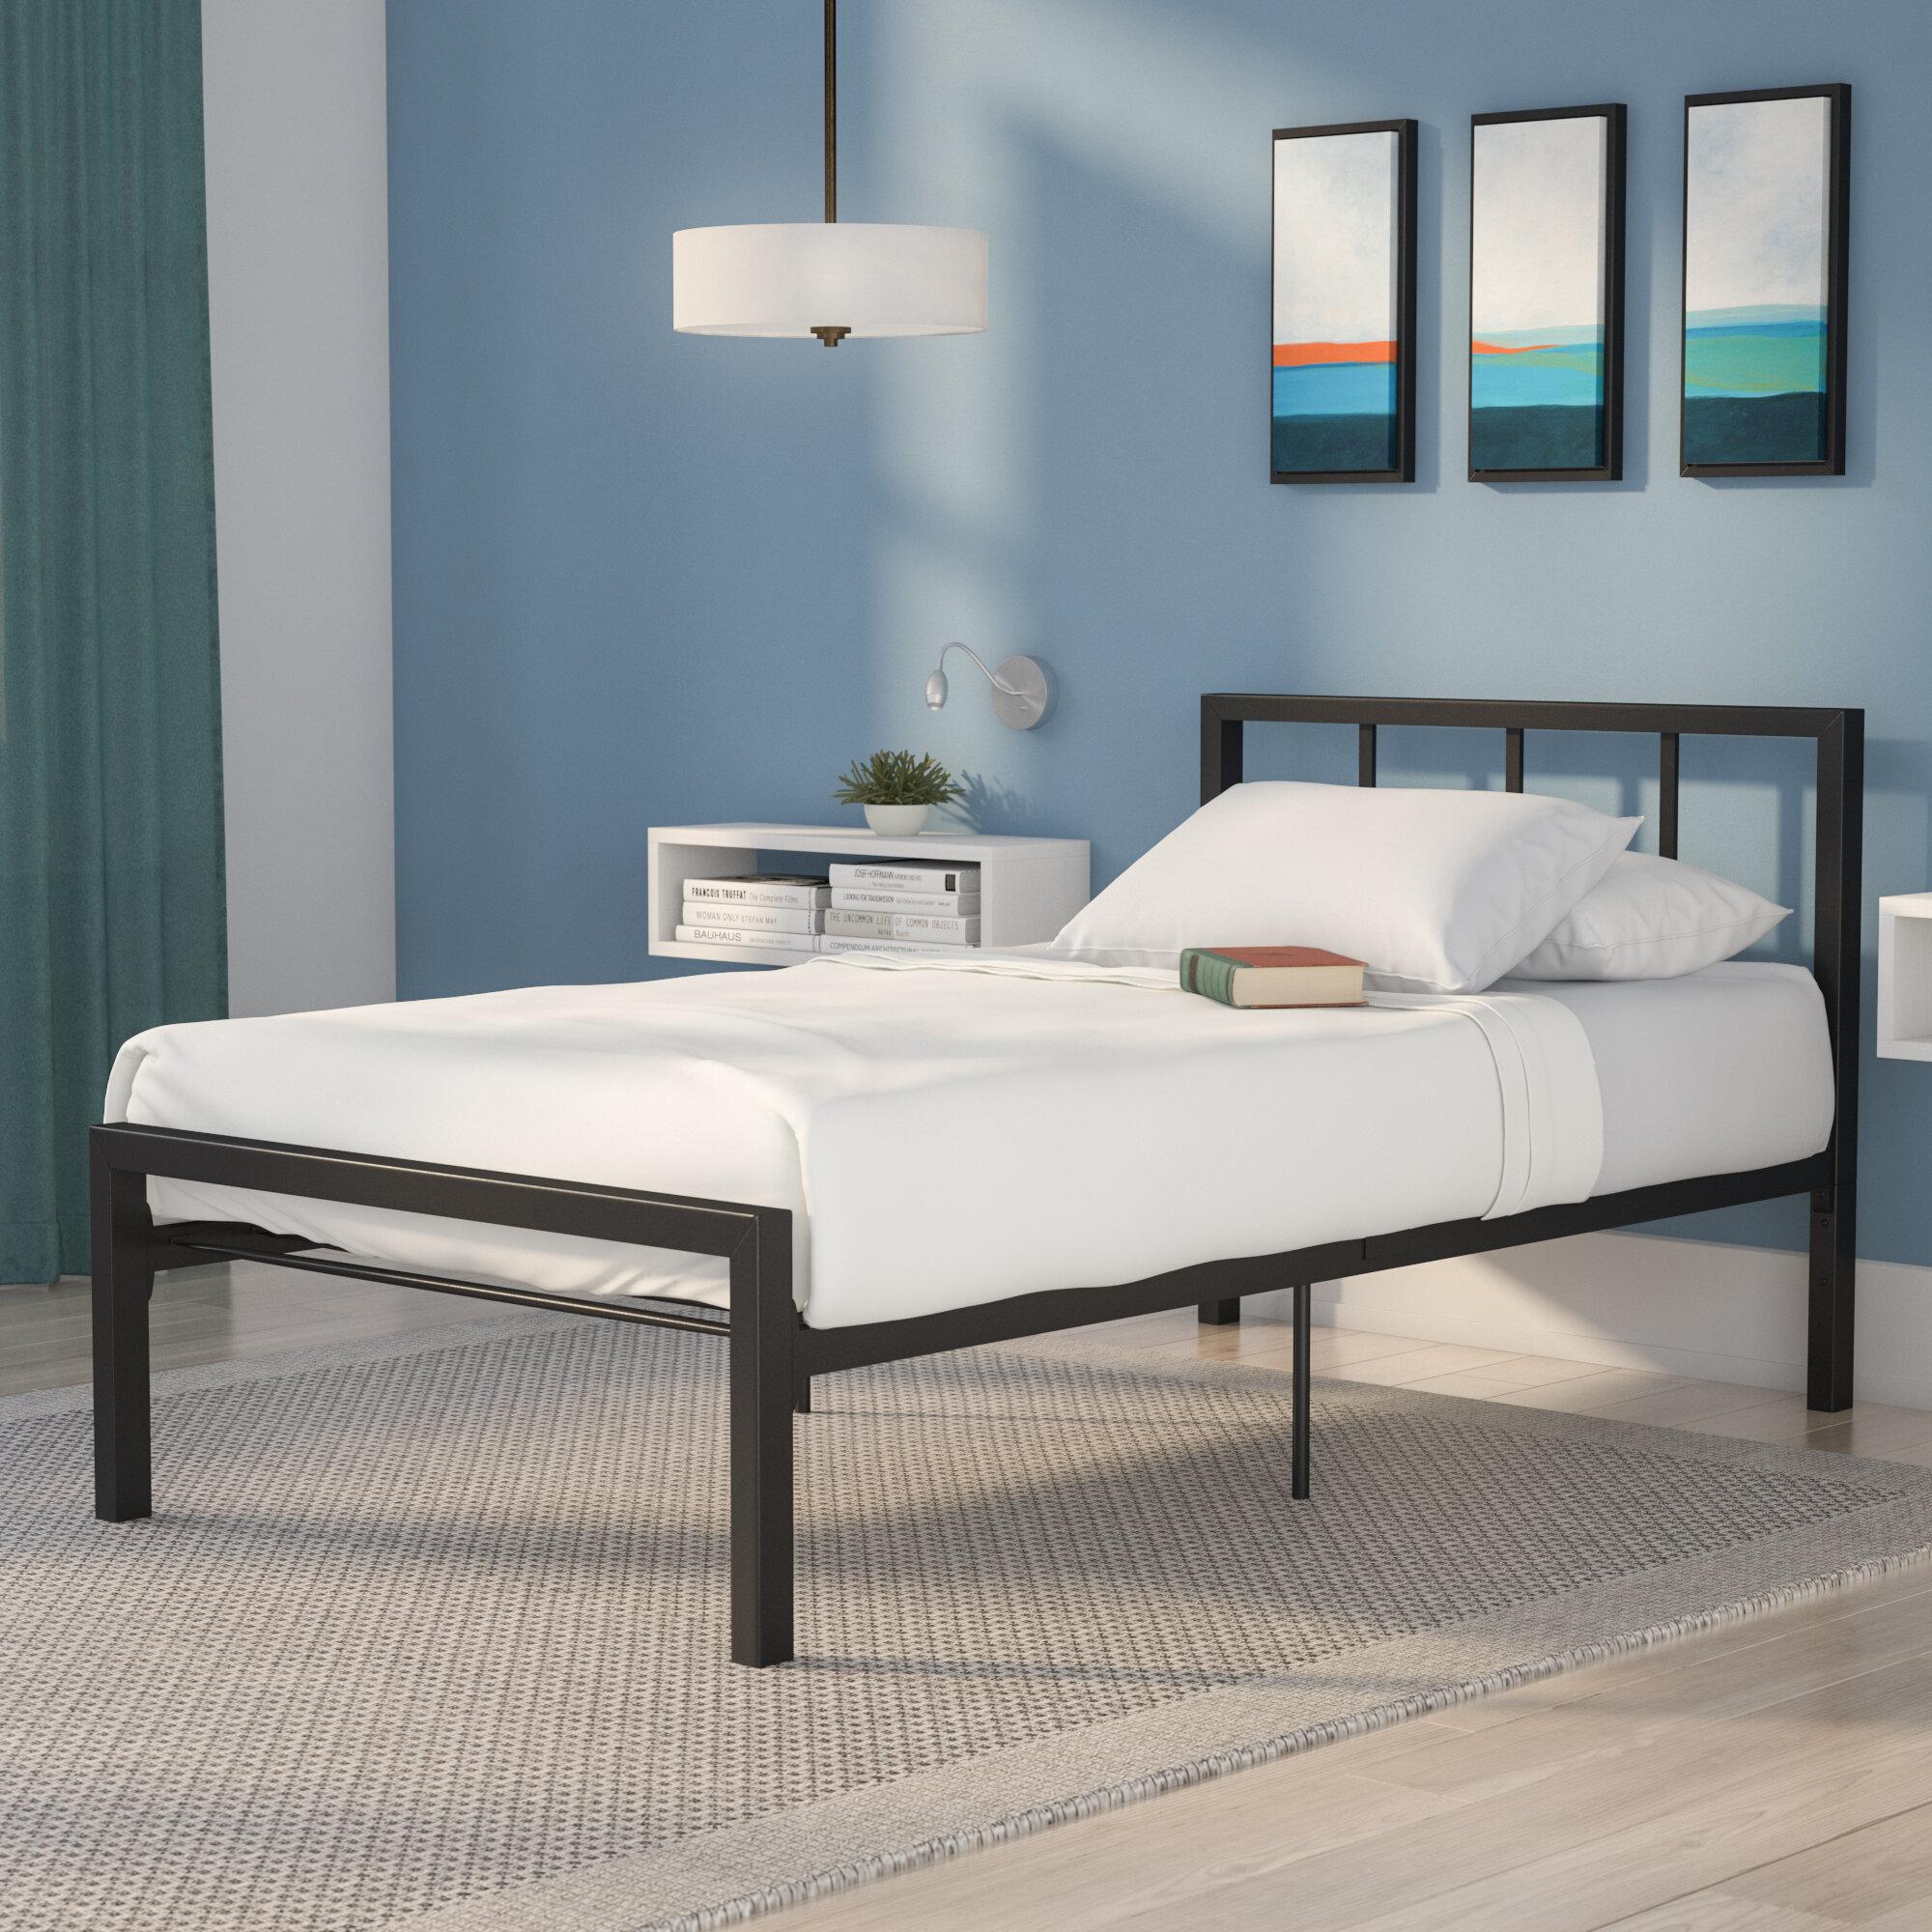 Twin platform bed frame Steel Kidspointinfo Zipcode Design Martinique Twin Platform Bed Reviews Wayfair